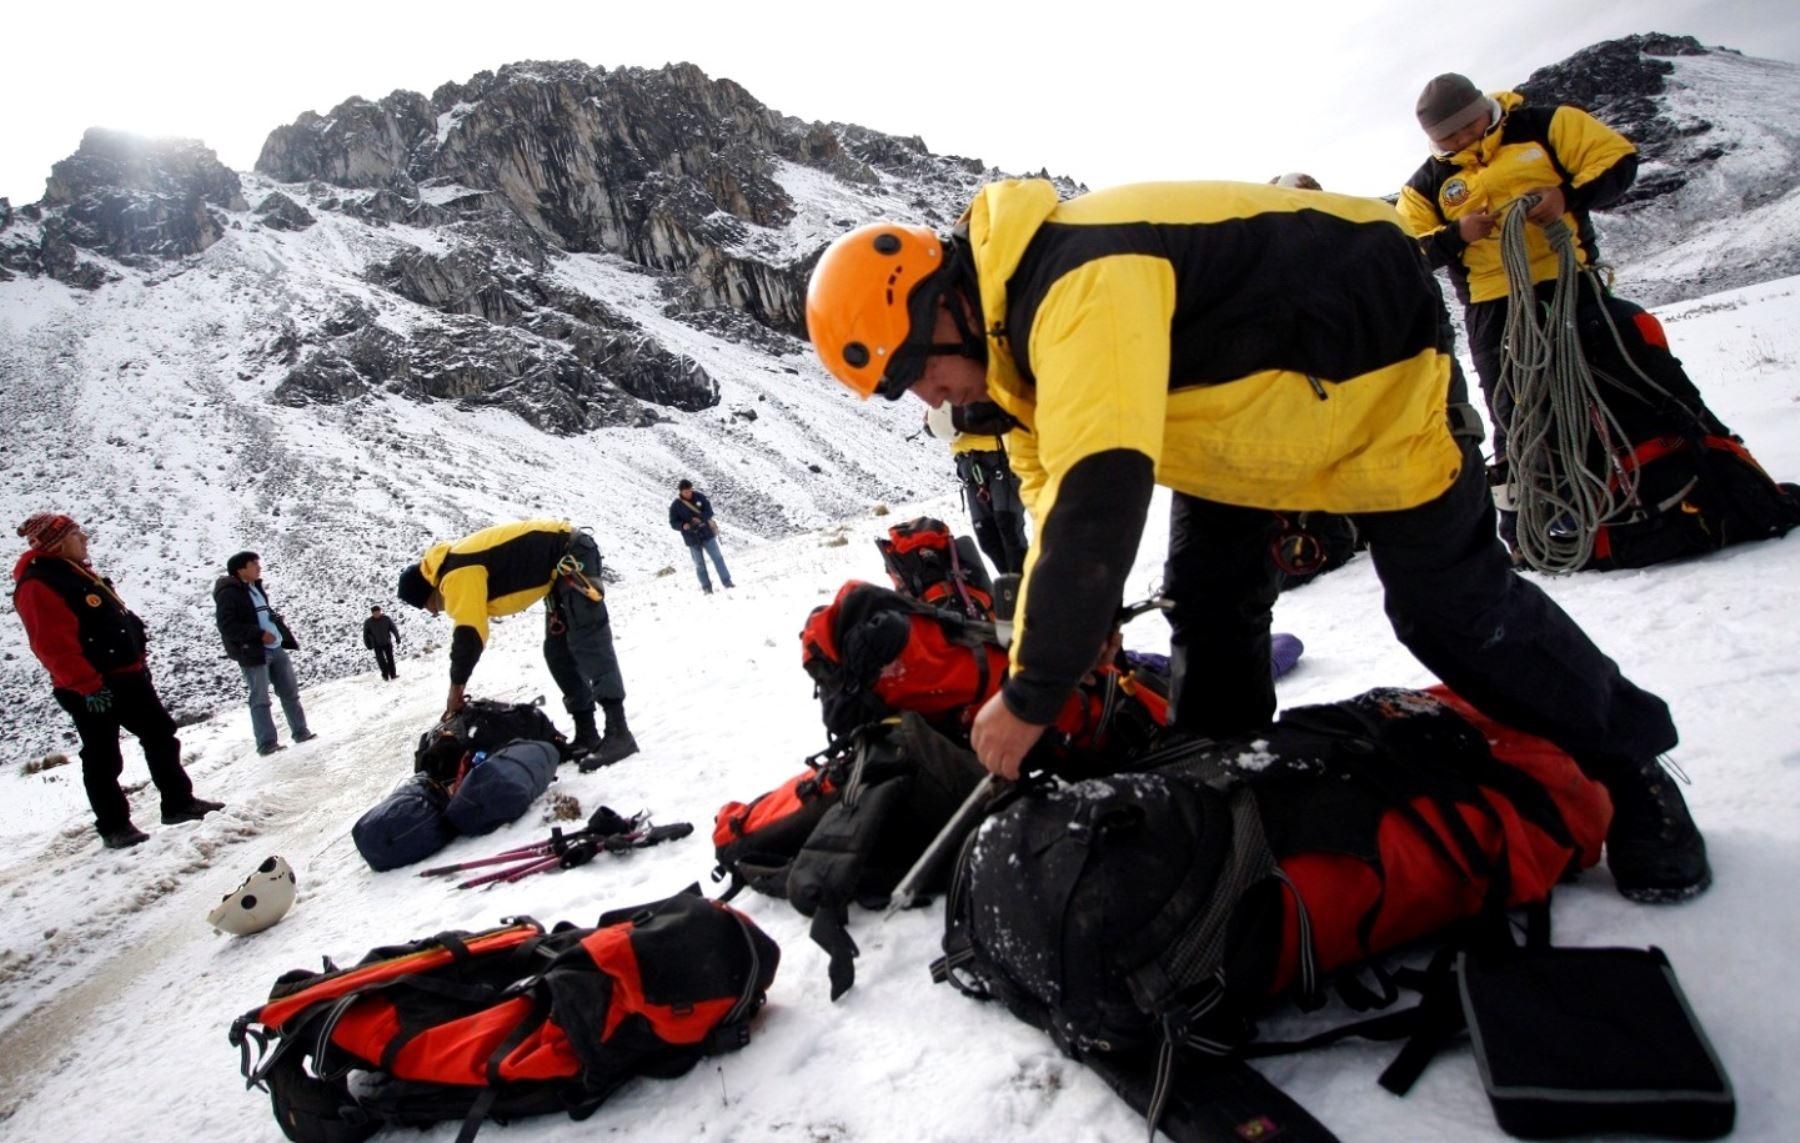 Brigadas de Alta Montaña de la Policía Nacional realizan la búsqueda de los montañistas perdidos. ANDINA/archivo